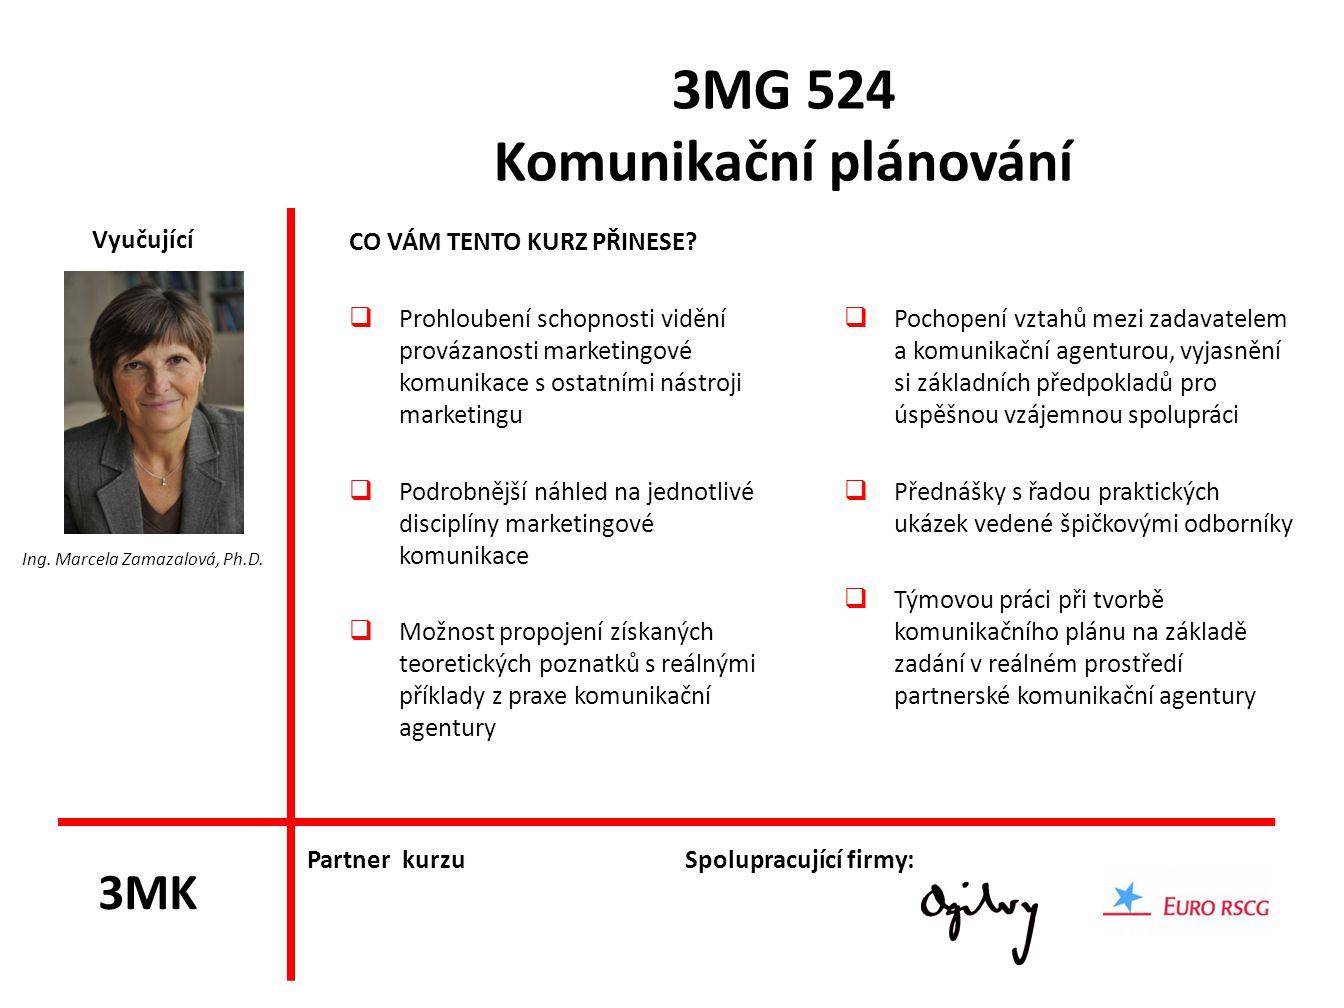 3MG 524 Komunikační plánování